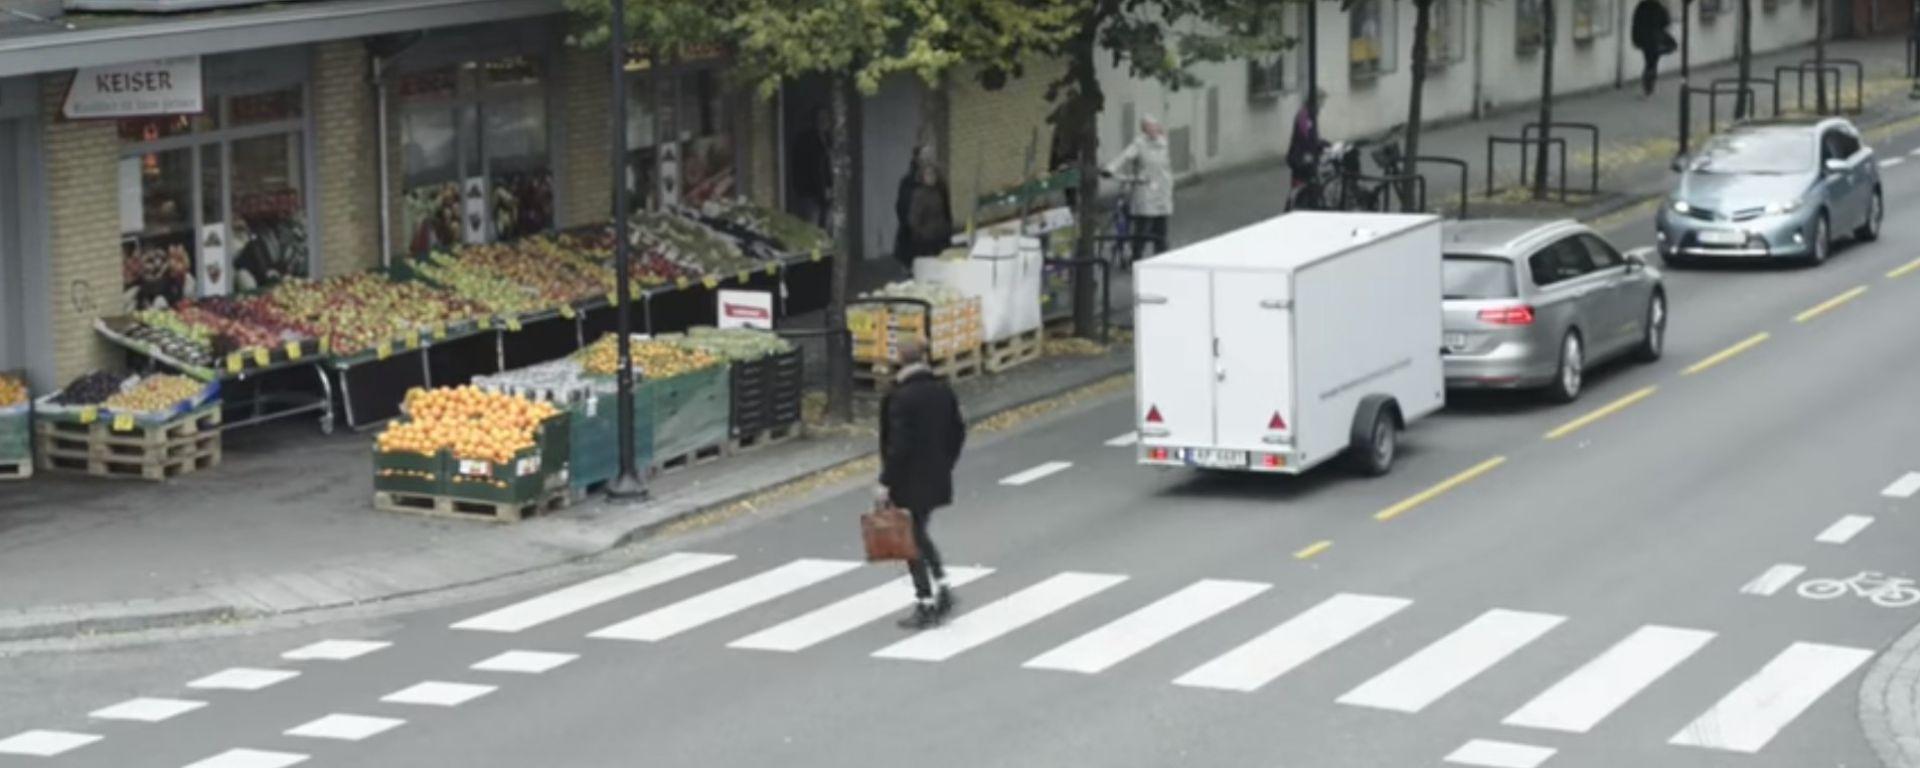 Volkswagen Trailer Assist: il video promozionale dalla Norvegia